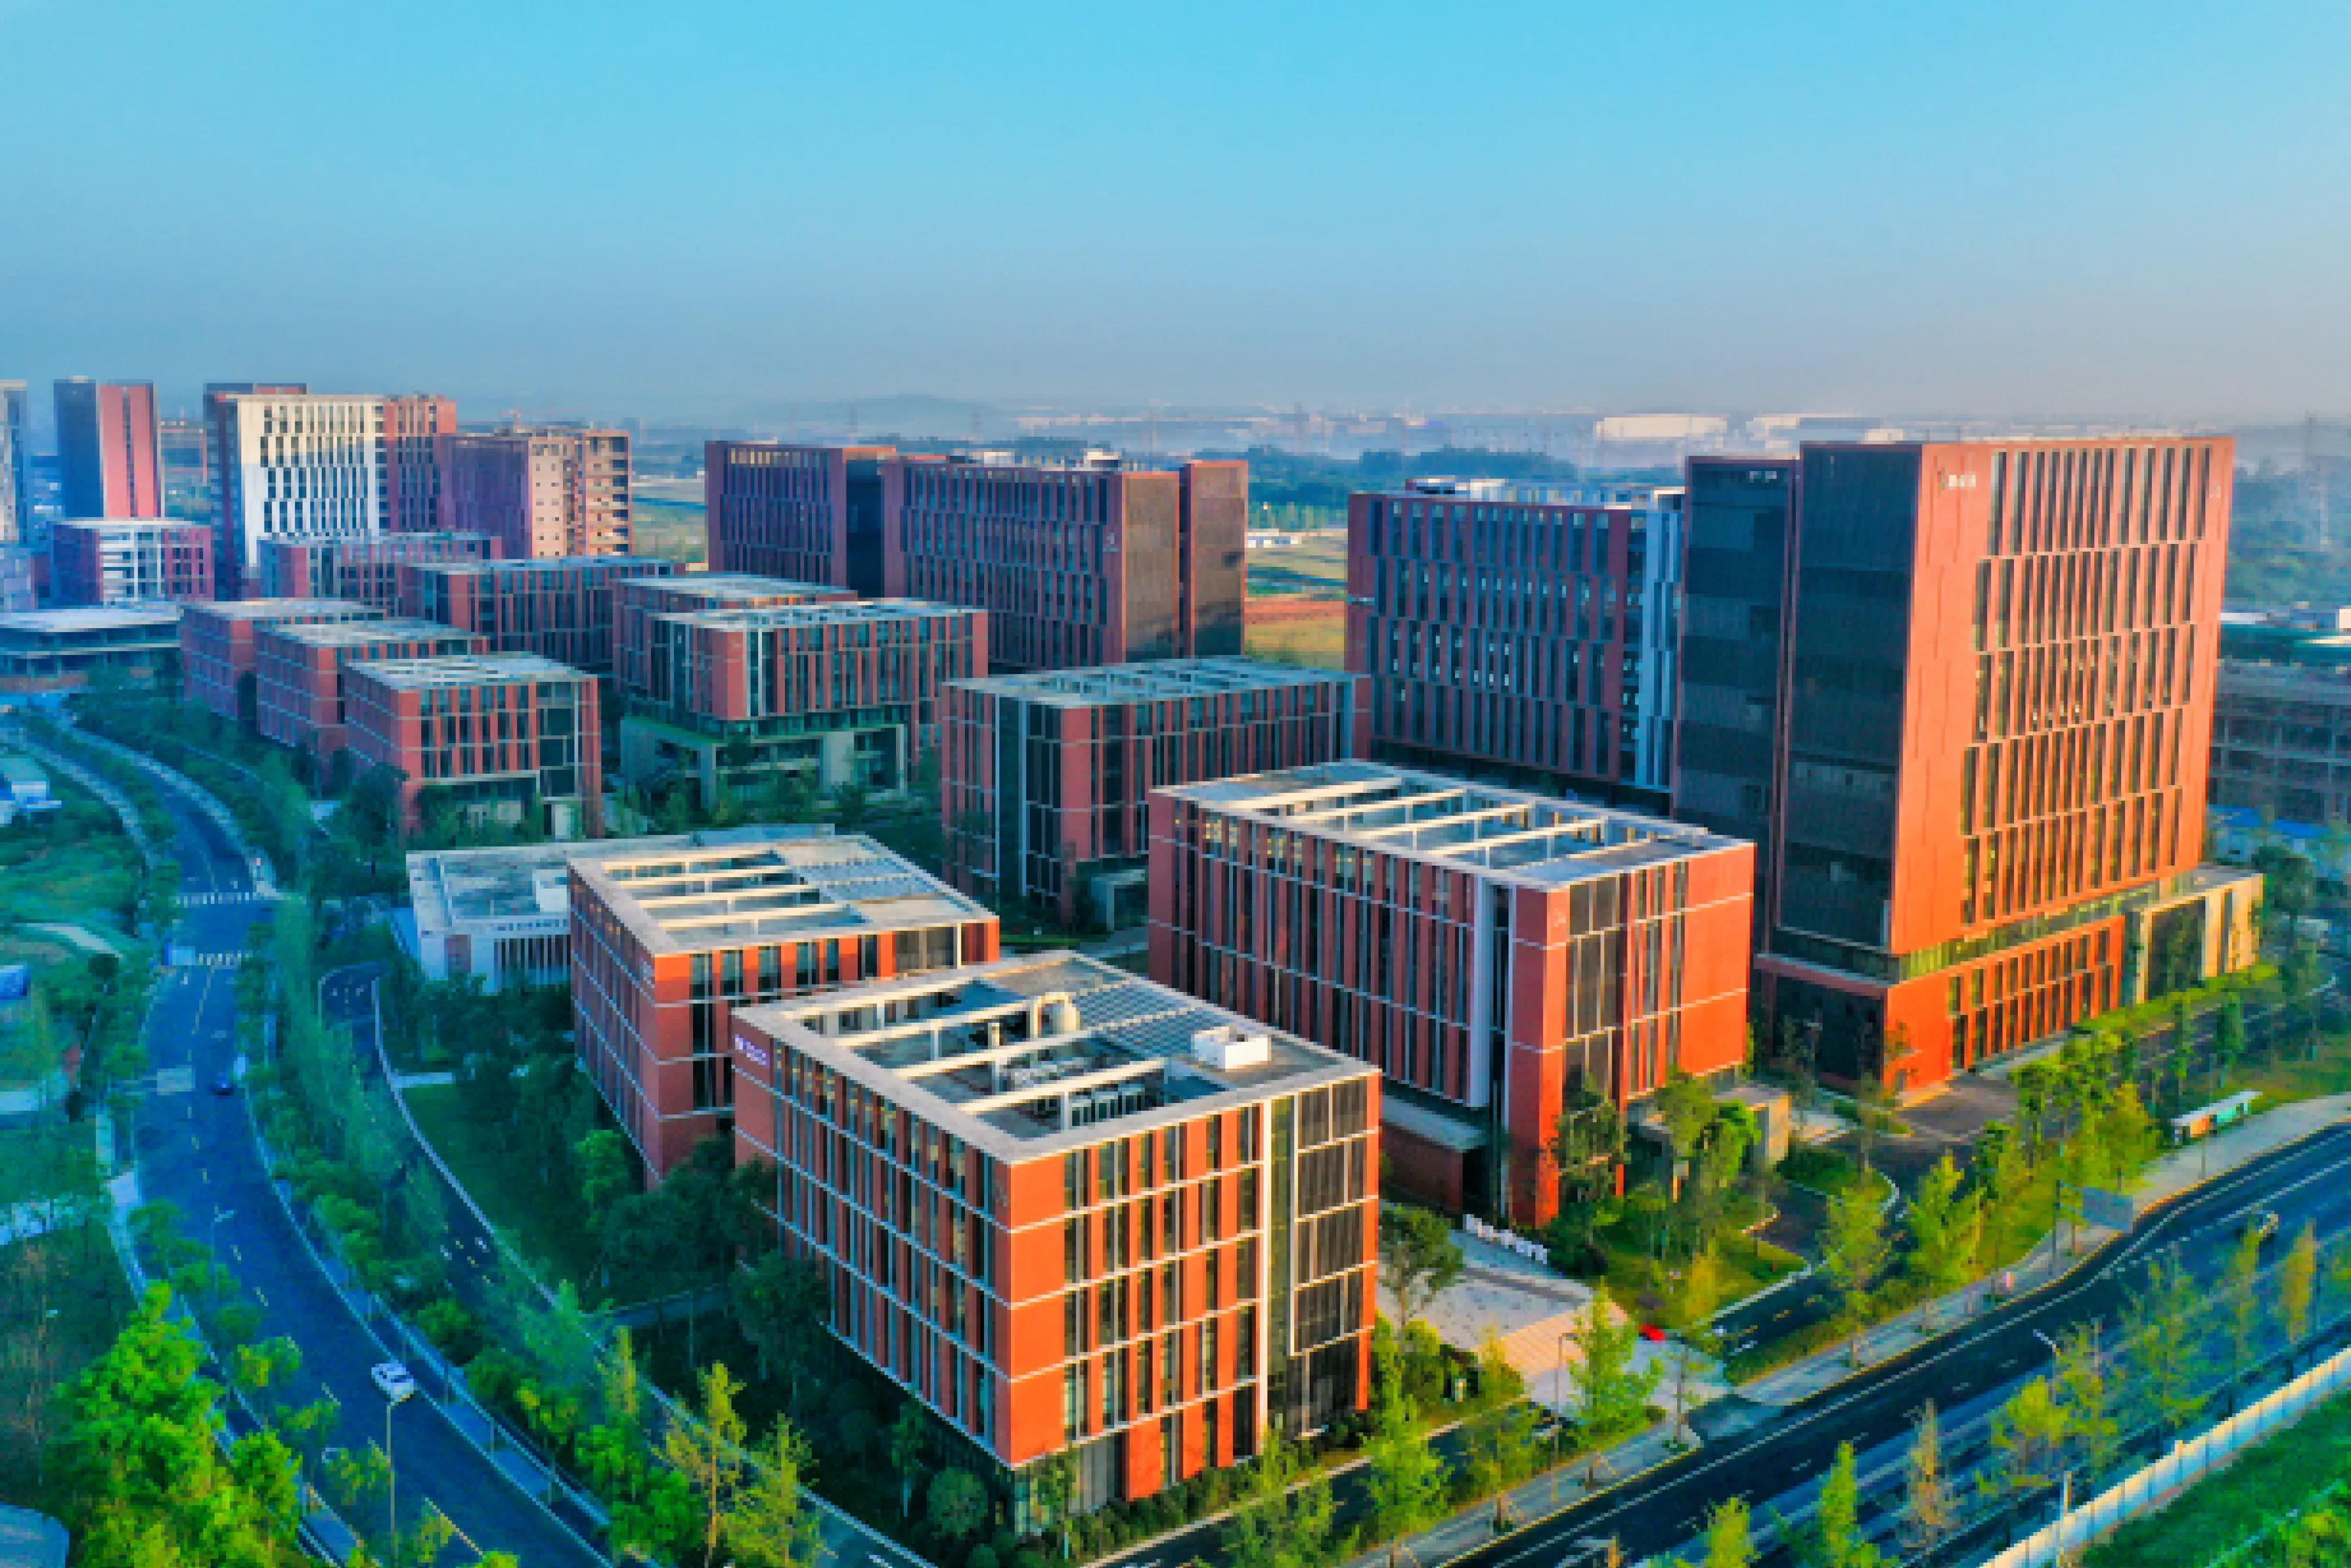 世界500强药企阿斯利康中国西部总部落户成都高新区